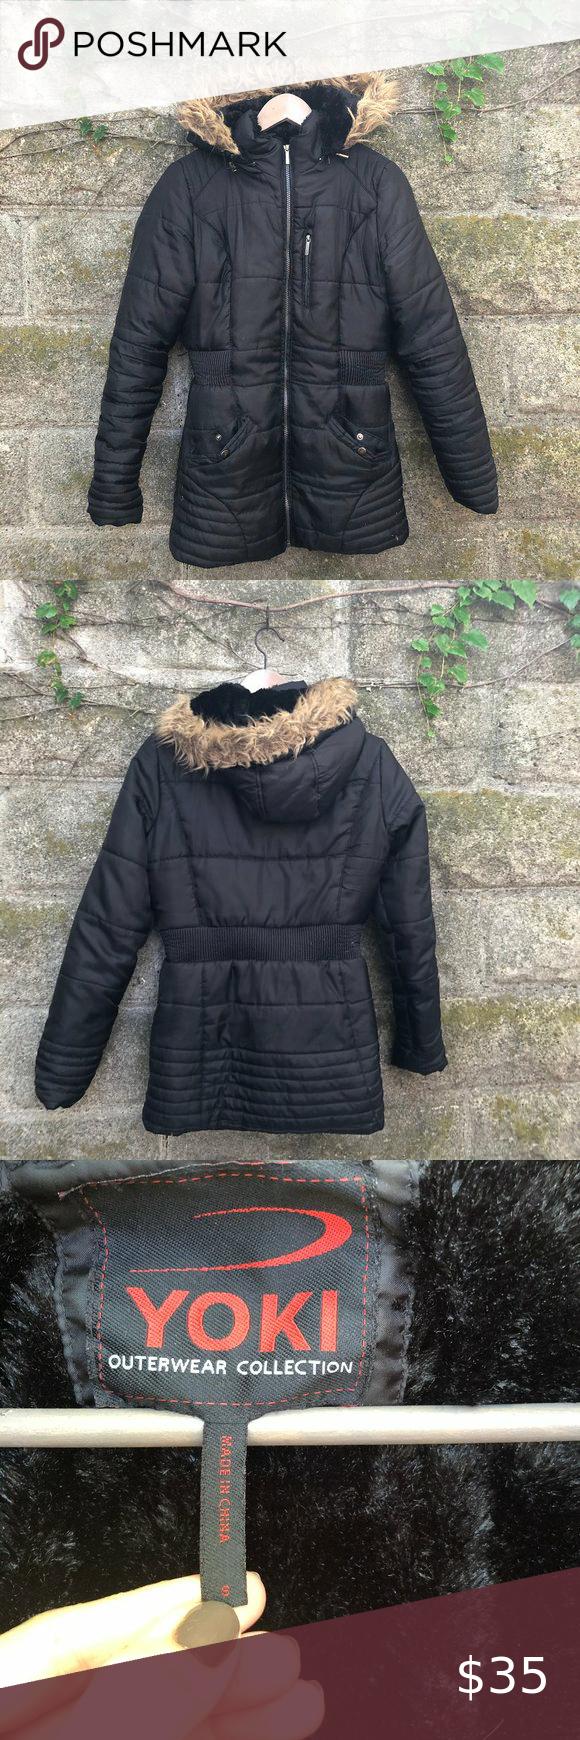 Yoki Outerwear Mid Length Puffer Faux Fur Hood Yoki Outerwear Collection Black Mid Length Puffer Parka Winter Jacket With Cinc In 2020 Faux Fur Hood Fur Hood Outerwear [ 1740 x 580 Pixel ]